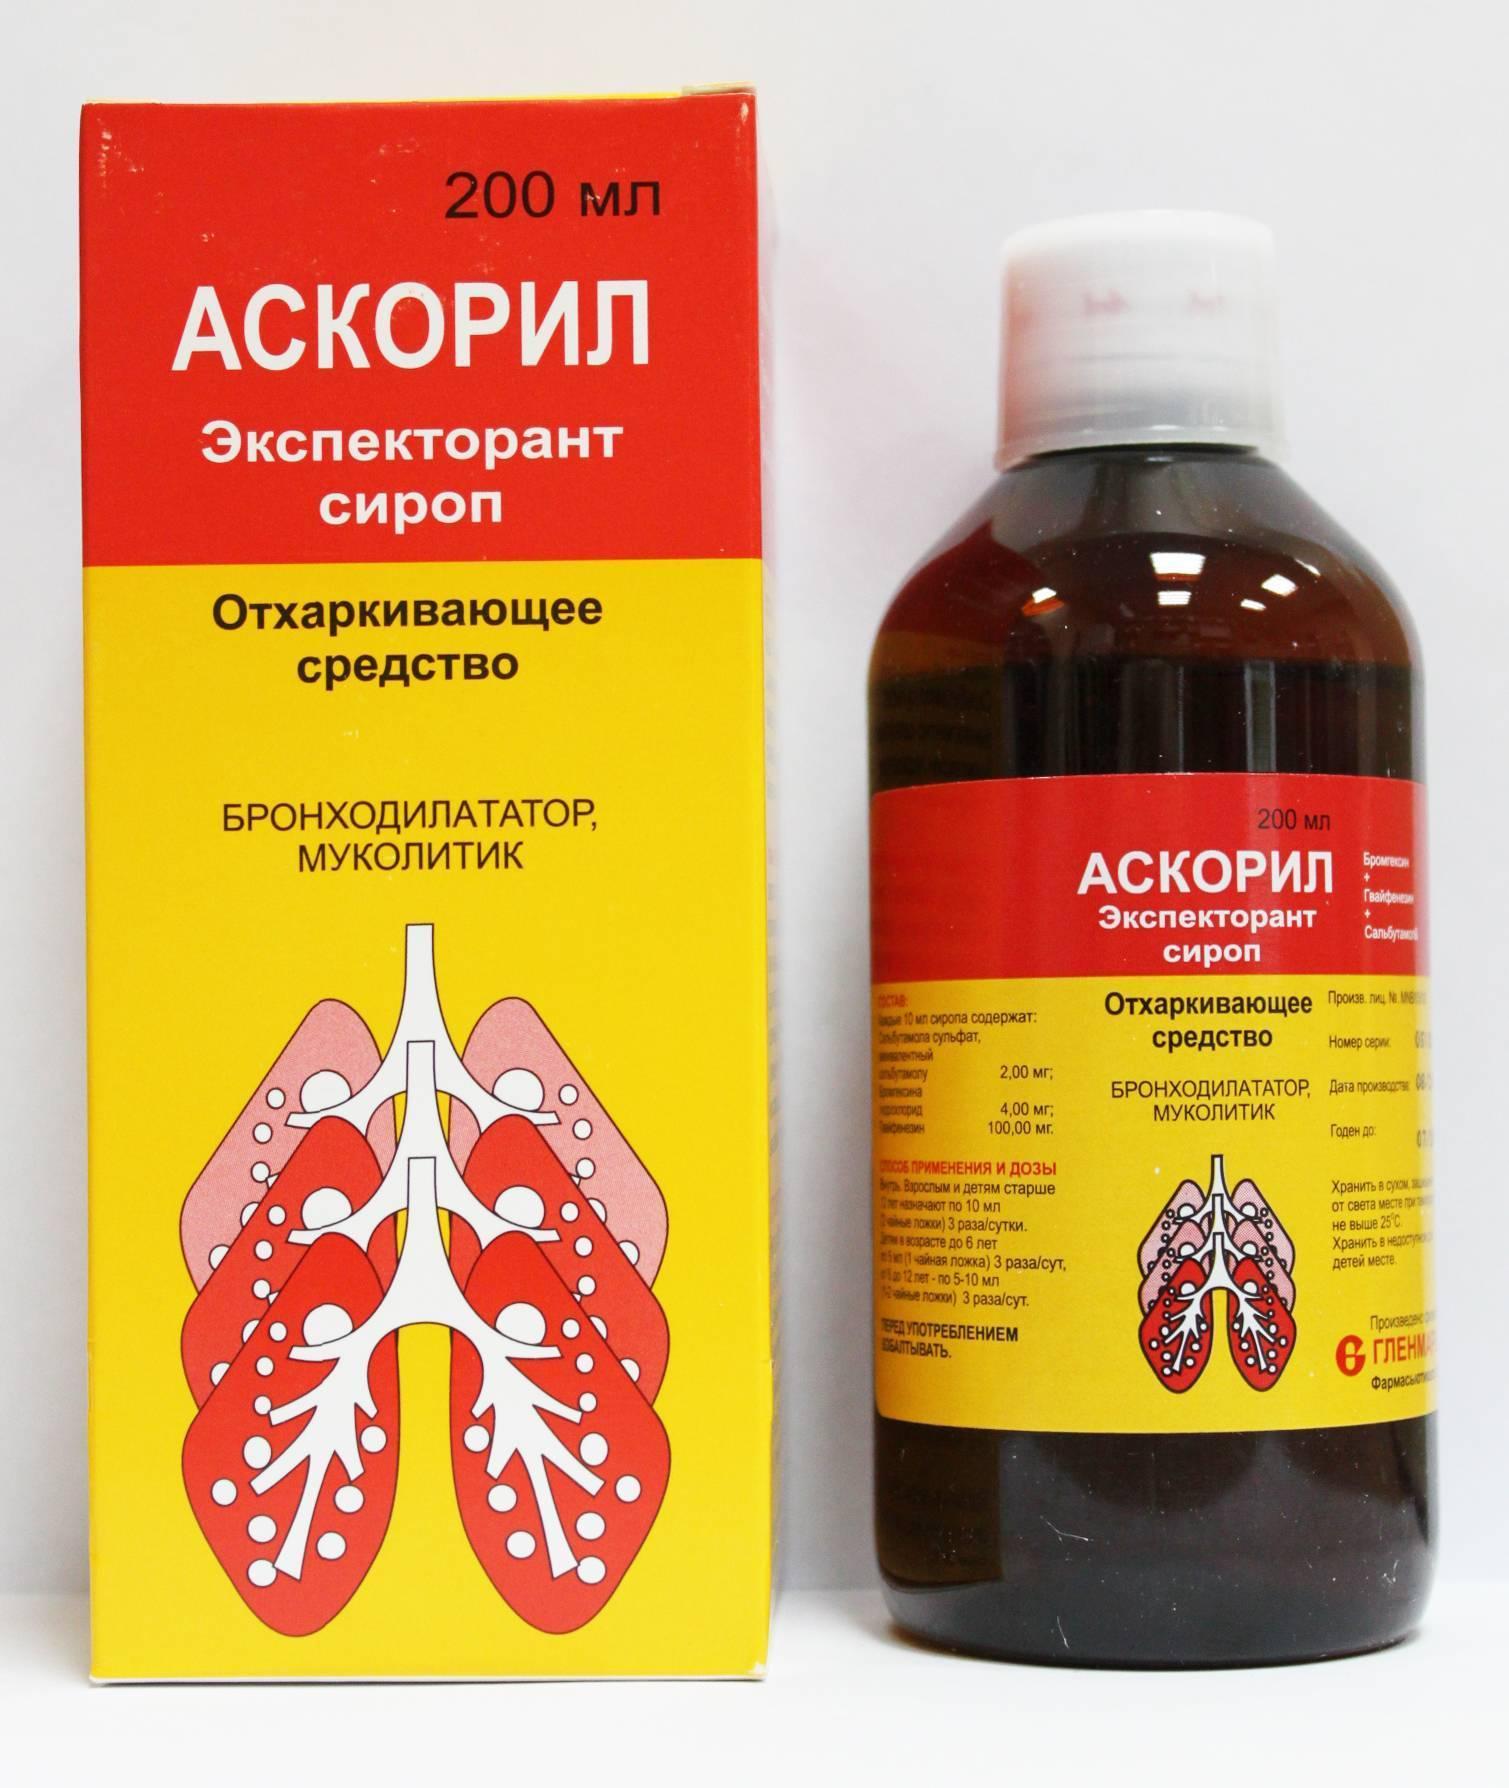 Трахеобронхит: симптомы и способы лечения